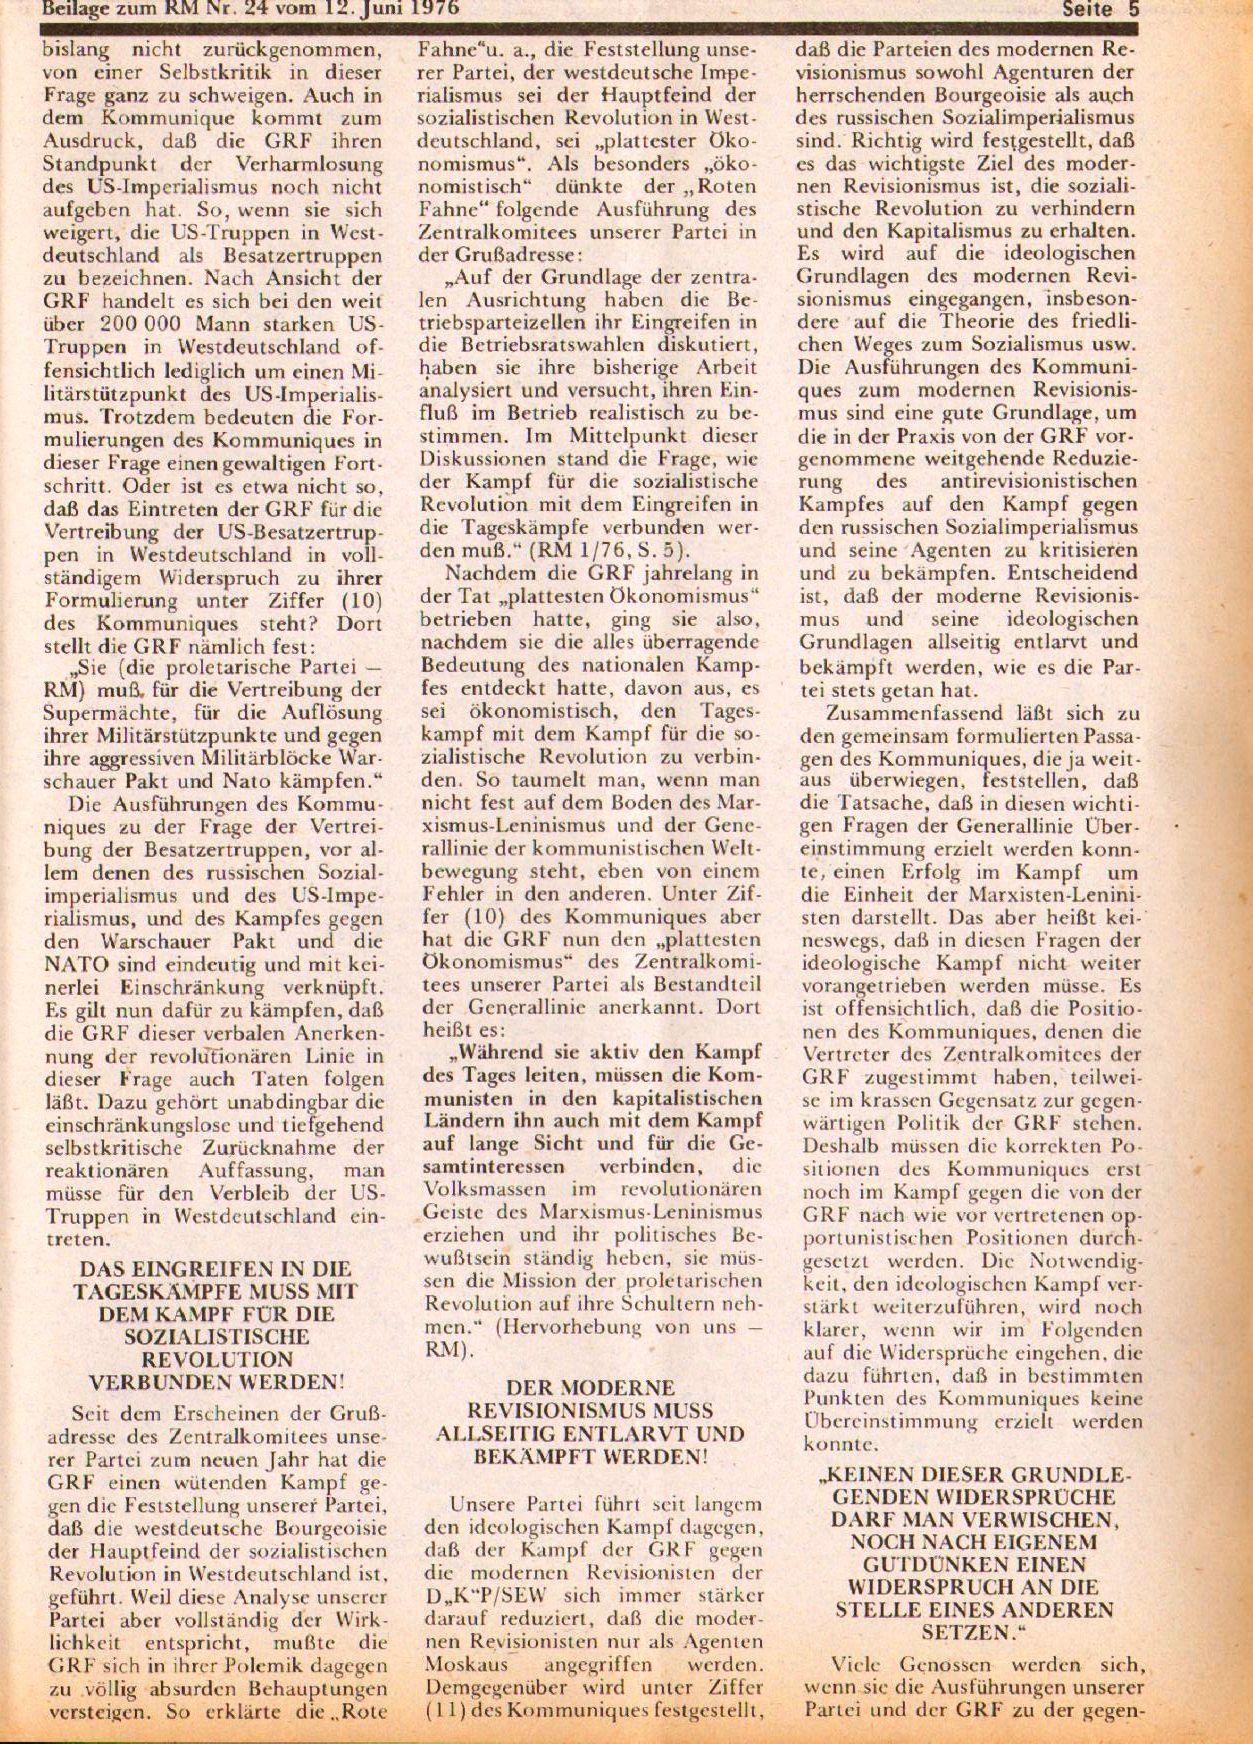 Roter Morgen, 10. Jg., 12. Juni 1976, Beilage: Zum Kommumique, Seite 5